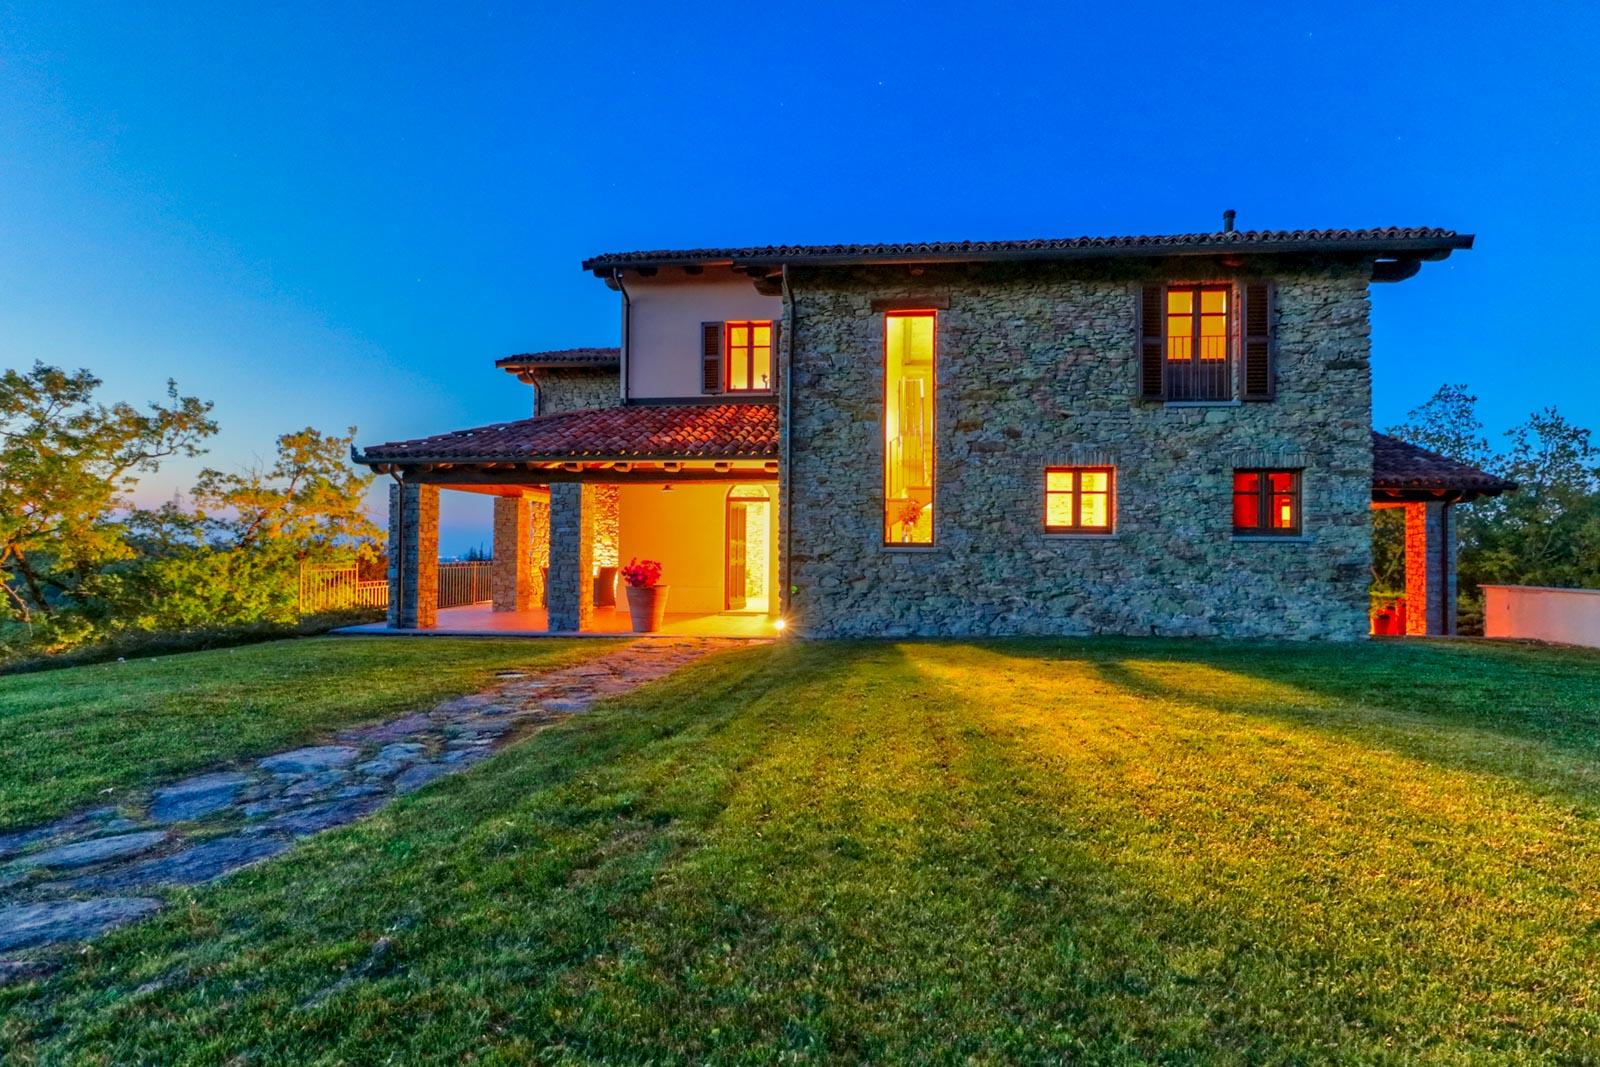 Casa di campagna elegantemente ristrutturata con piscina a sfioro e vista mozzafiato vicino ad Acqui Terme